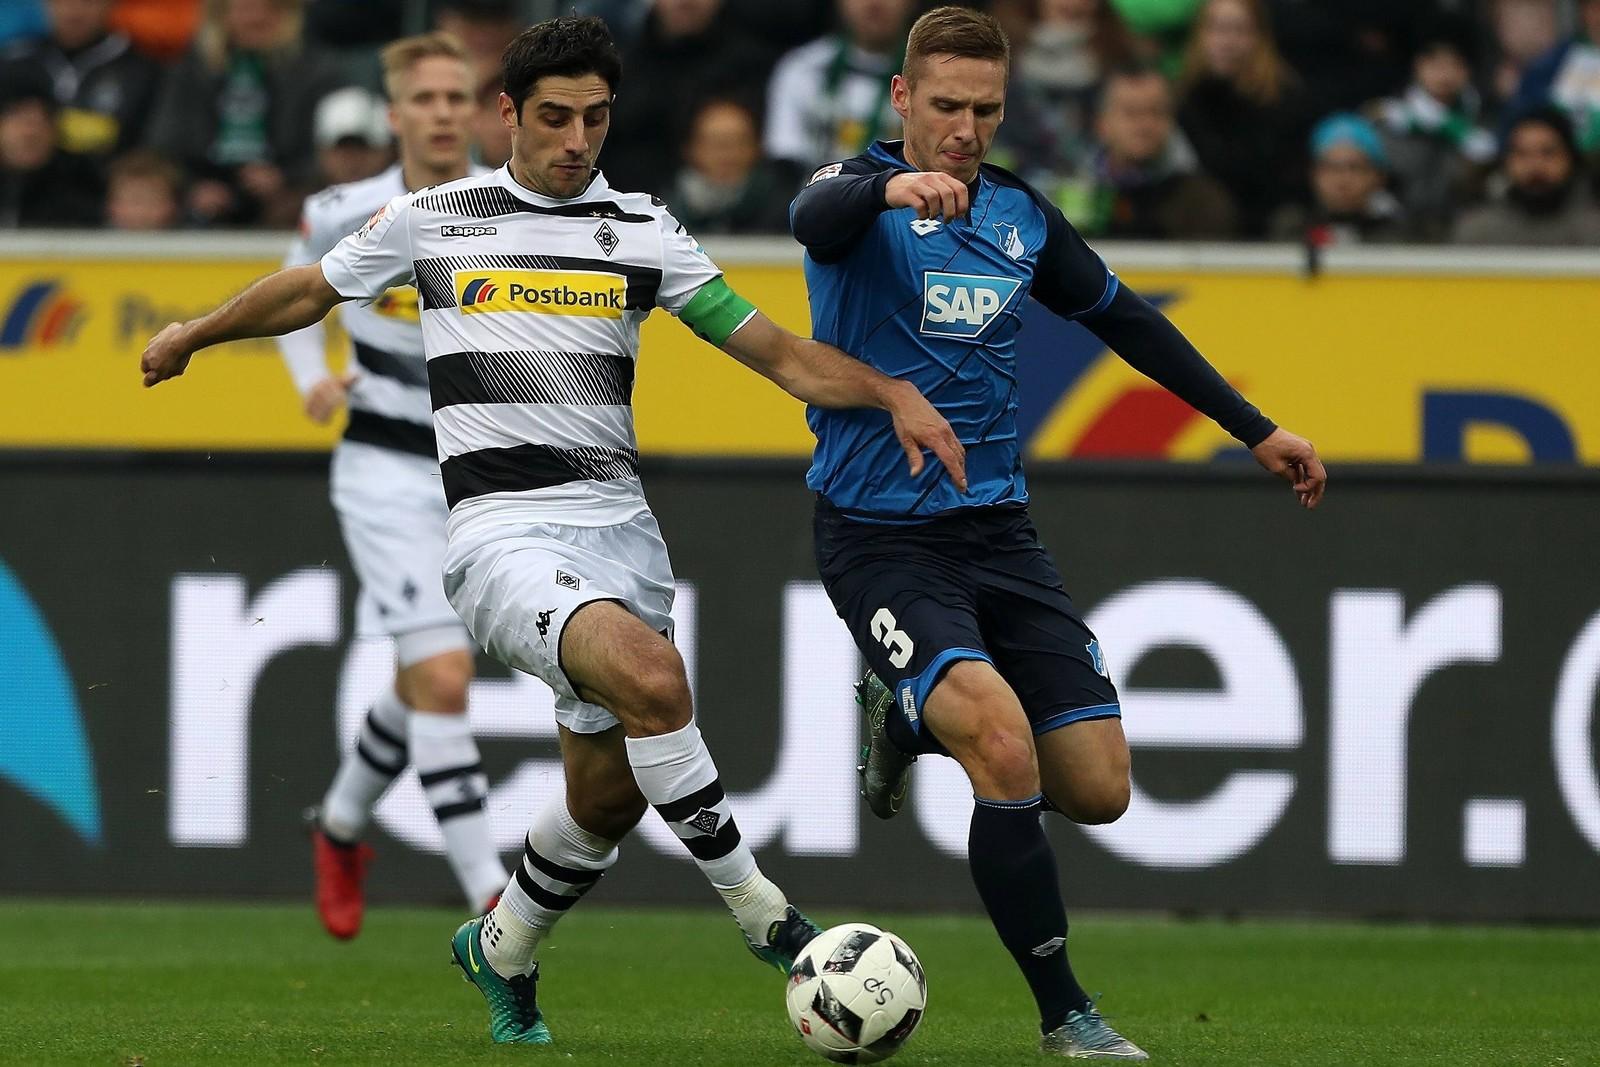 Kann Lars Stindl gegen Hoffenheim sein drittes Saisontor erzielen? Jetzt auf Hoffenheim gegen Gladbach wetten!